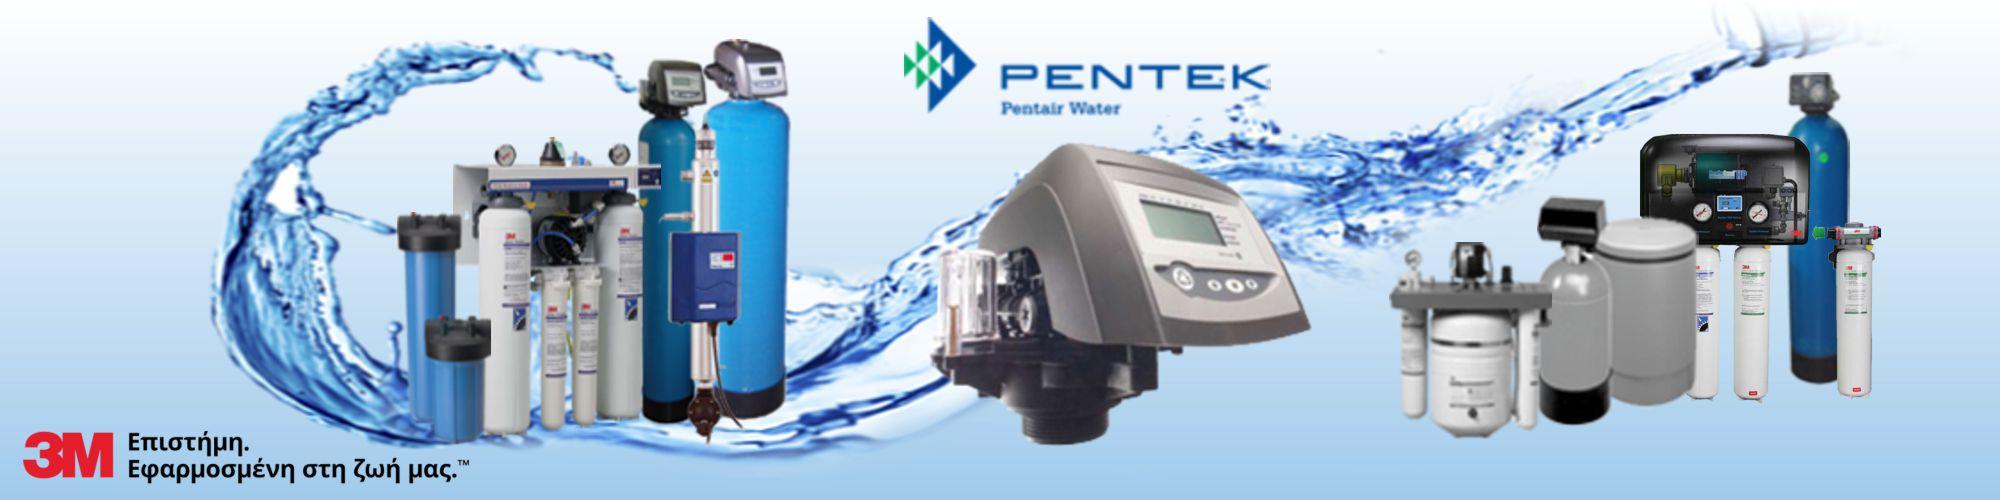 Συστήματα Επεξεργασίας Νερού